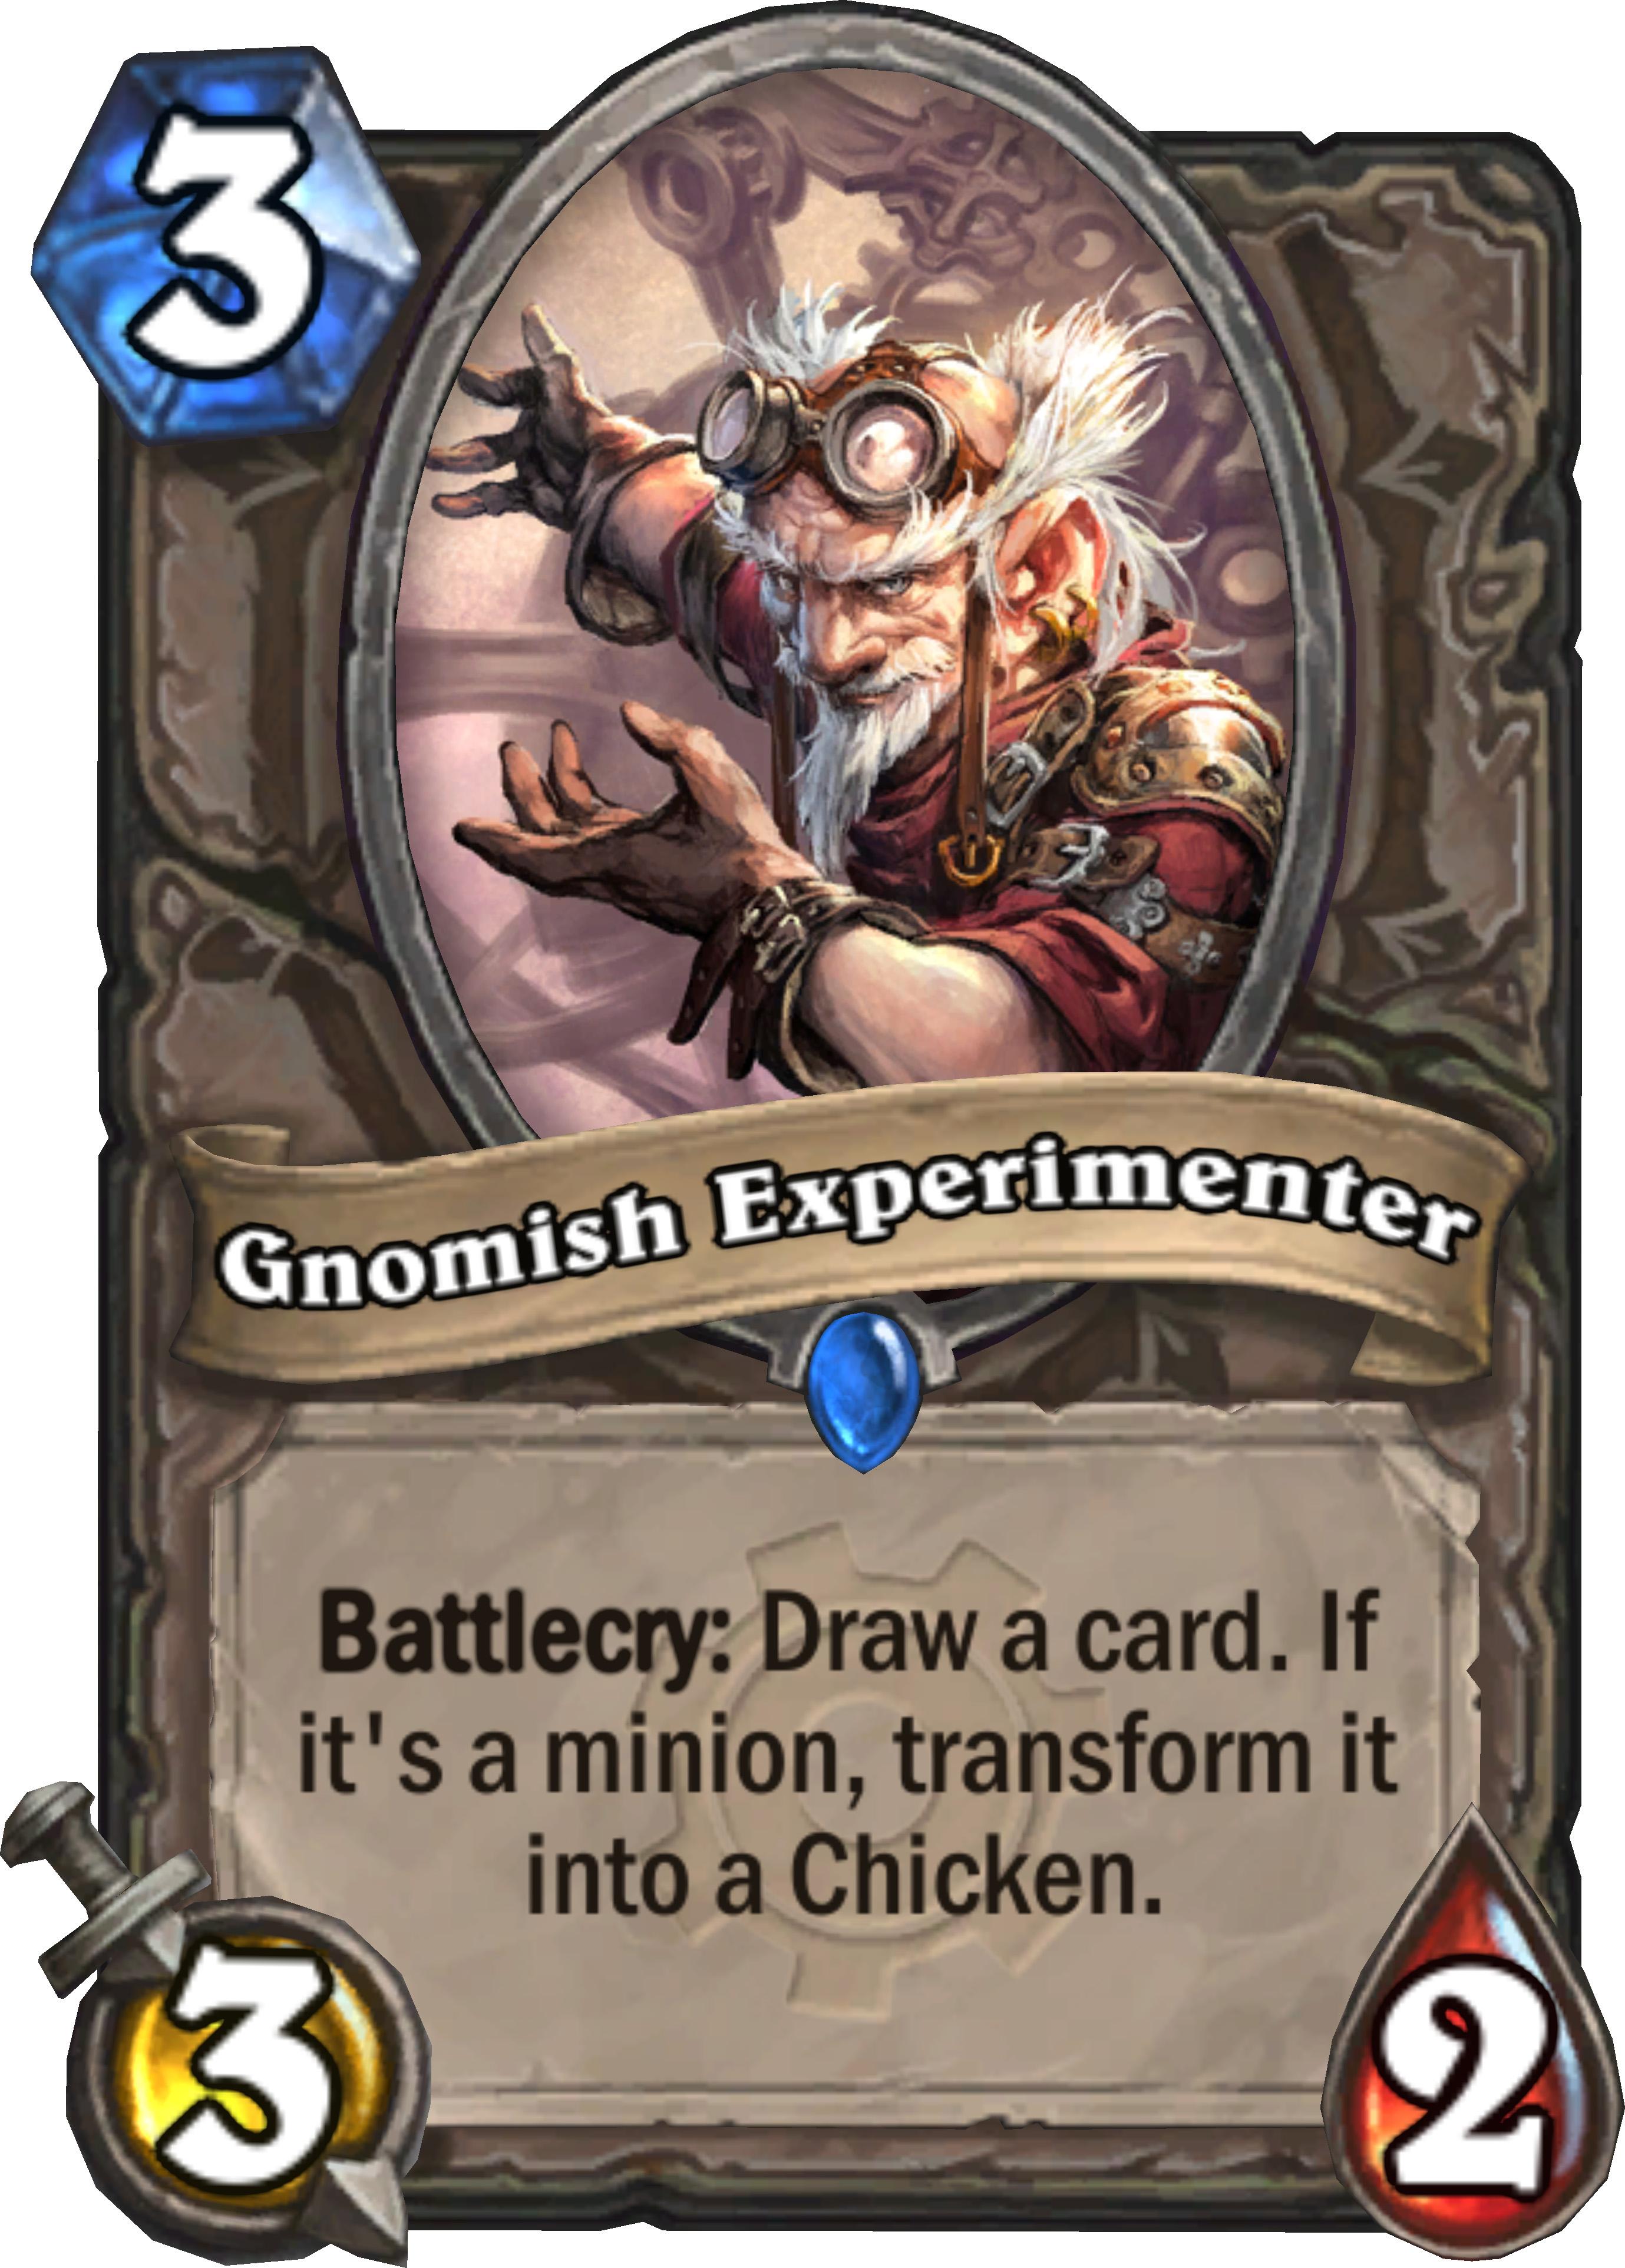 GNOMISH EXPERIMENTER